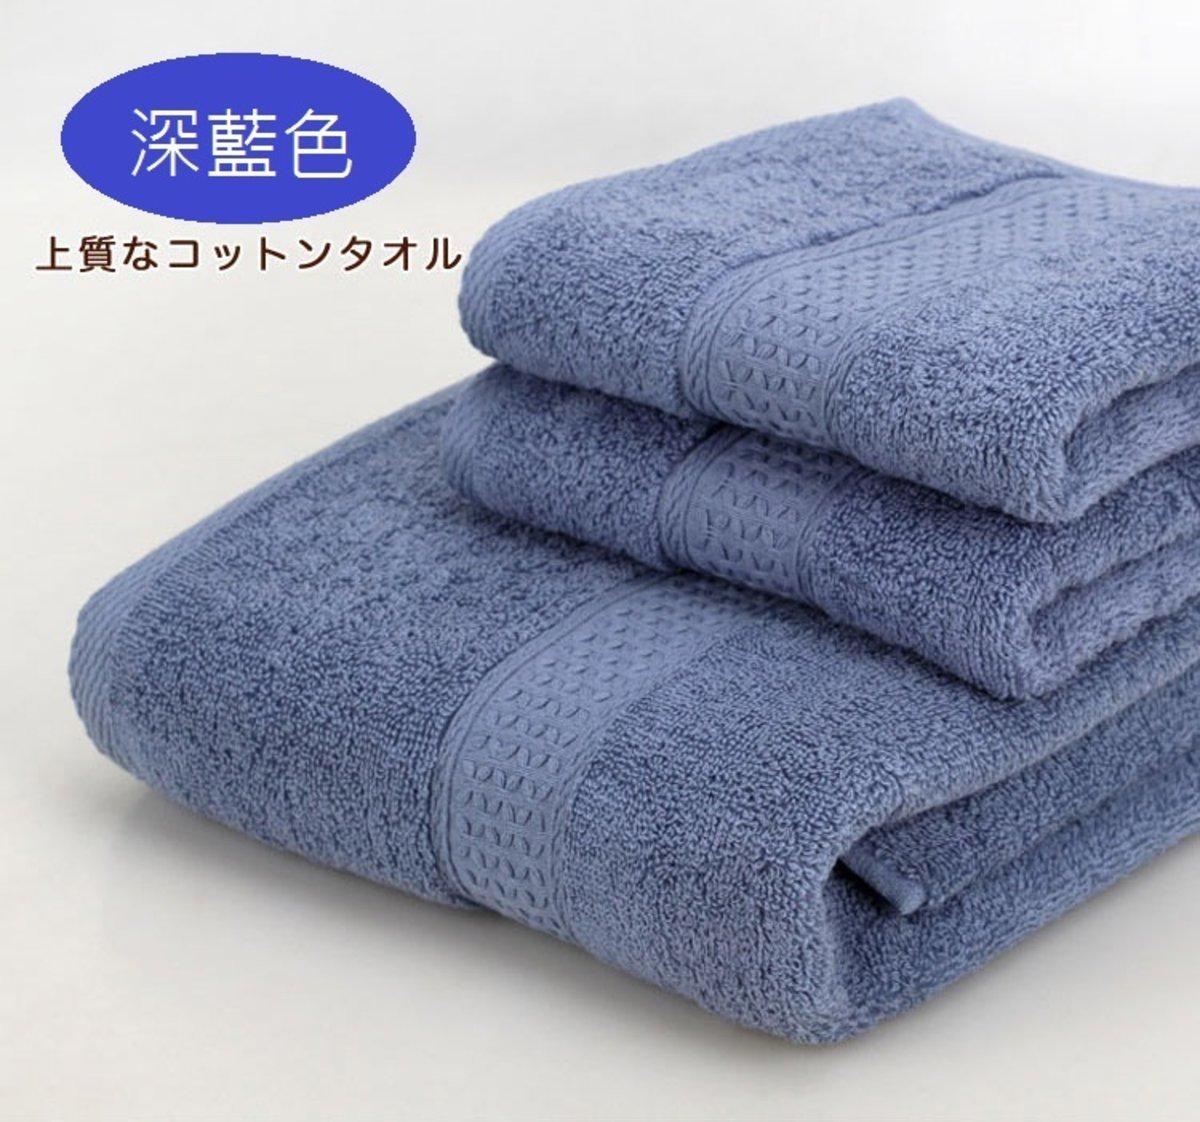 純棉大浴巾連毛巾3件套裝 / DARK BLUE